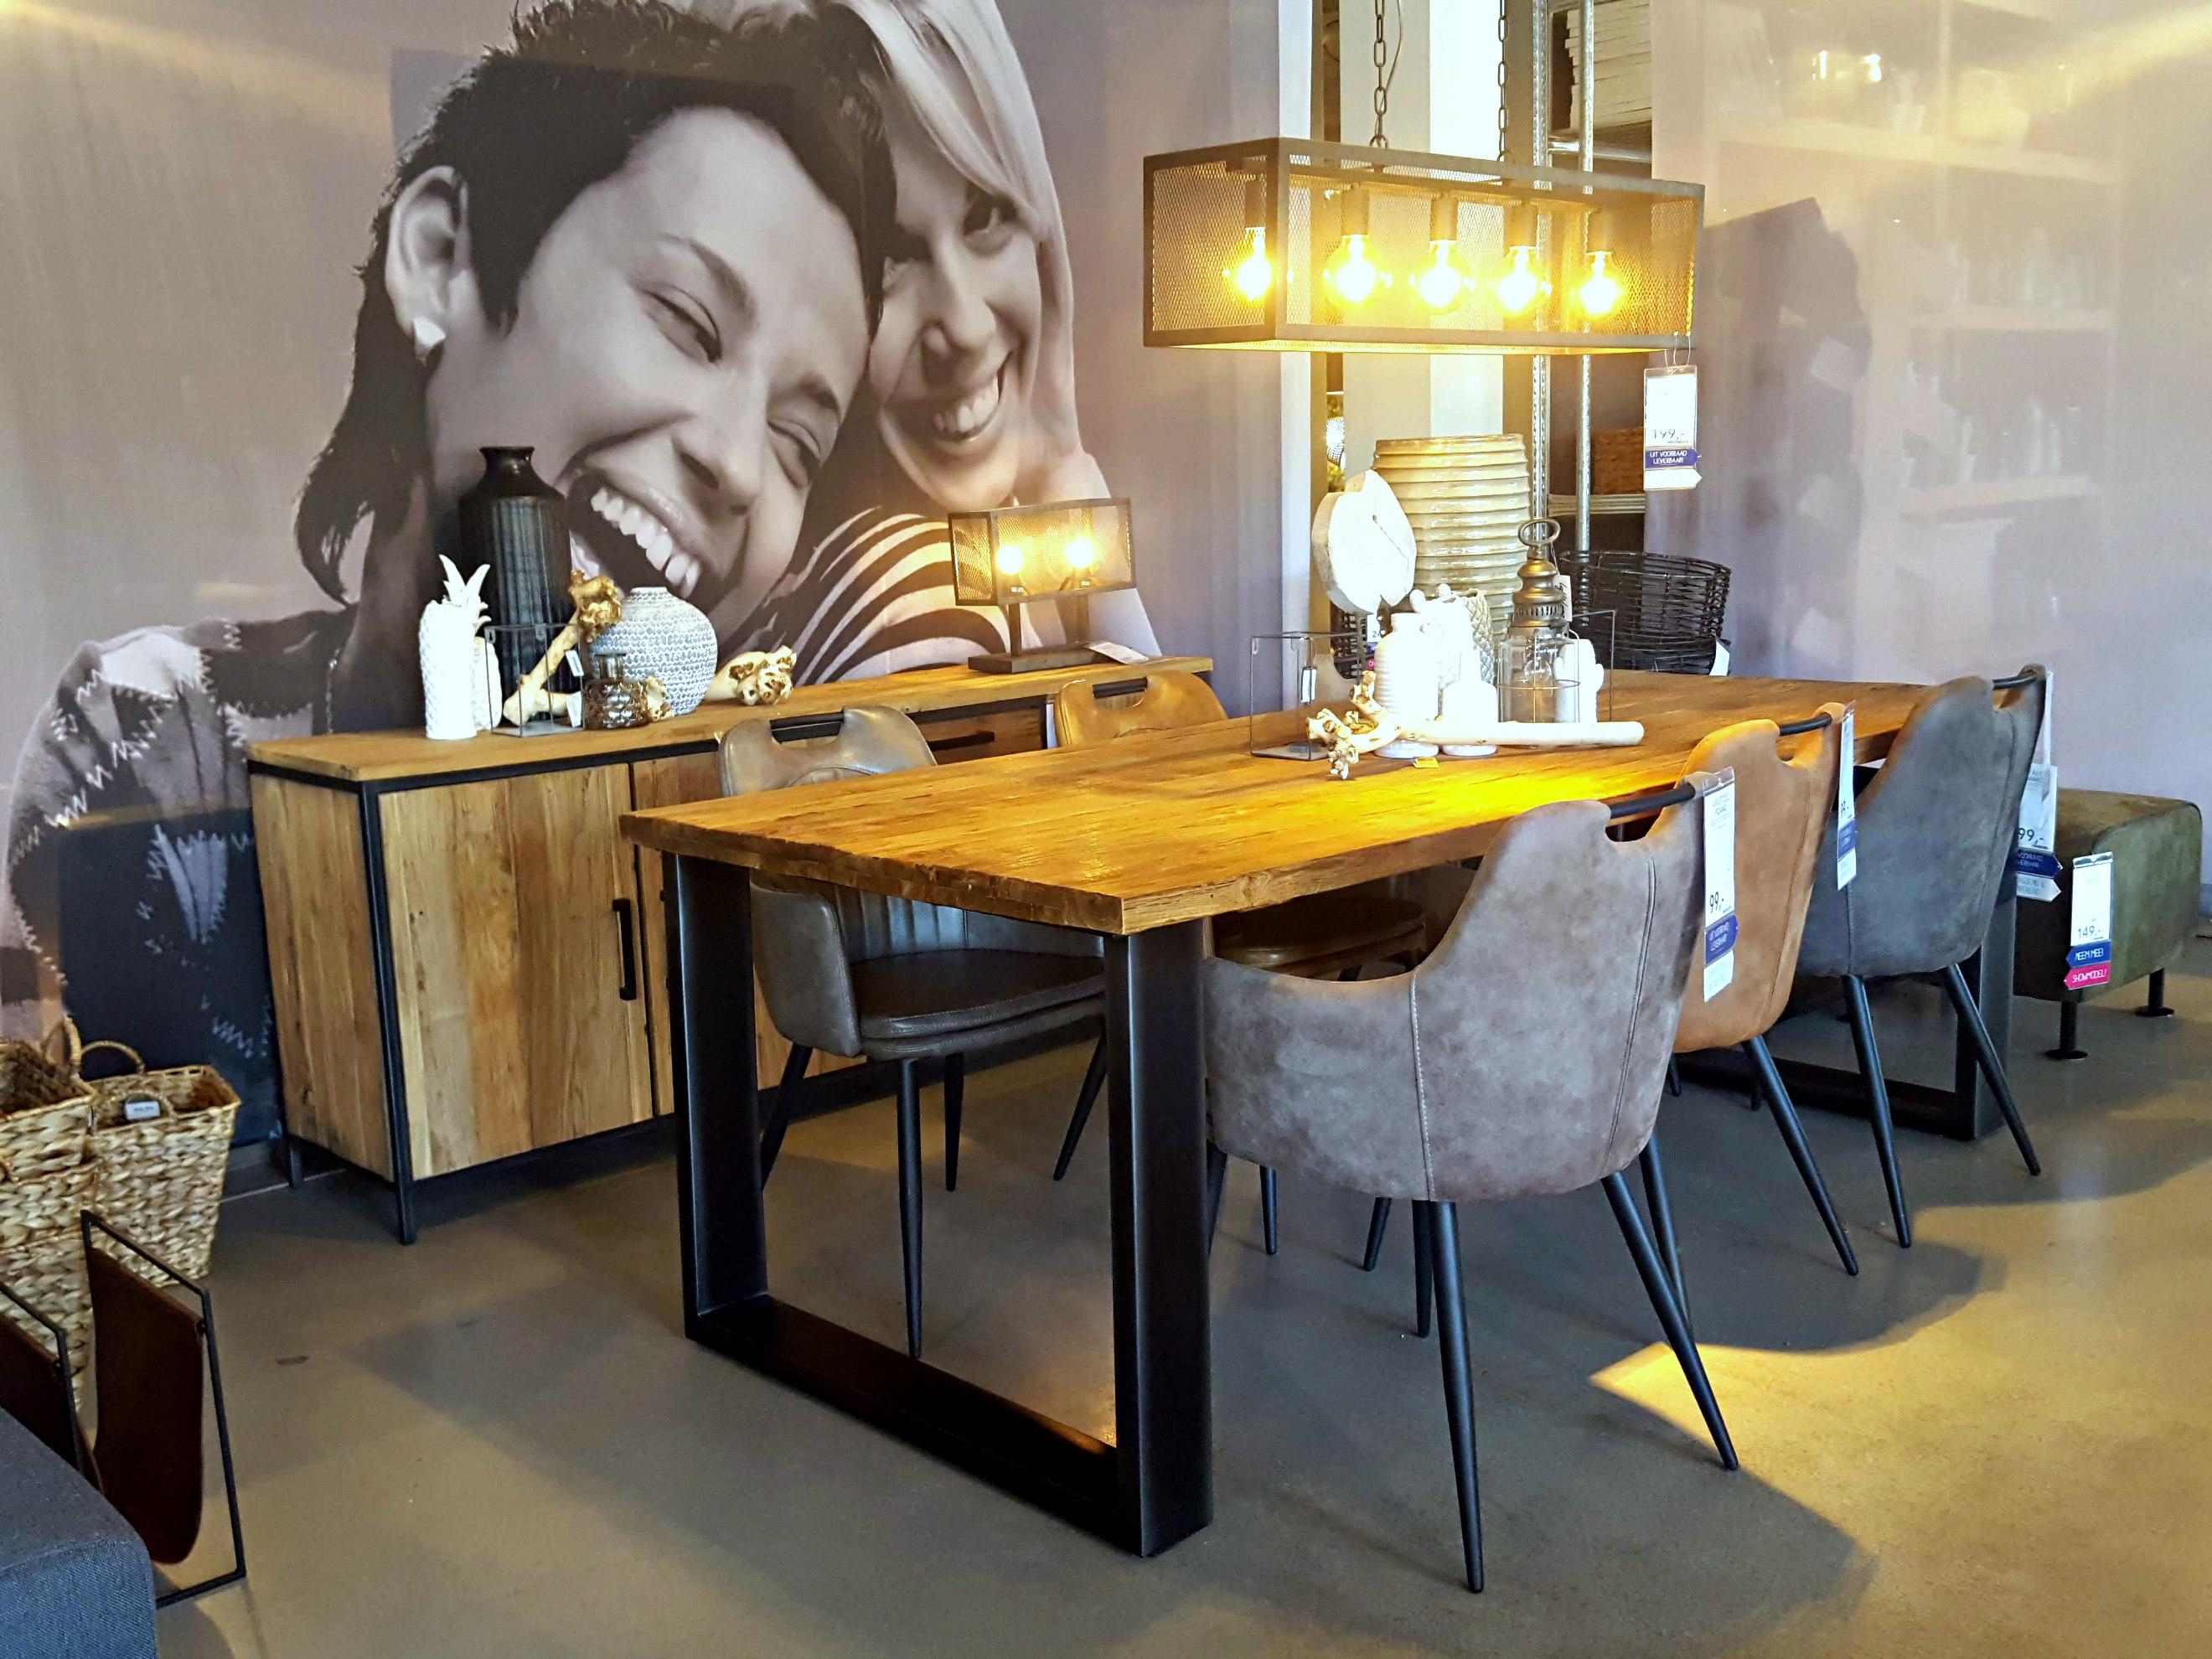 Lampe Salon Salle À Manger décoration salon salle à manger de table lampe de table